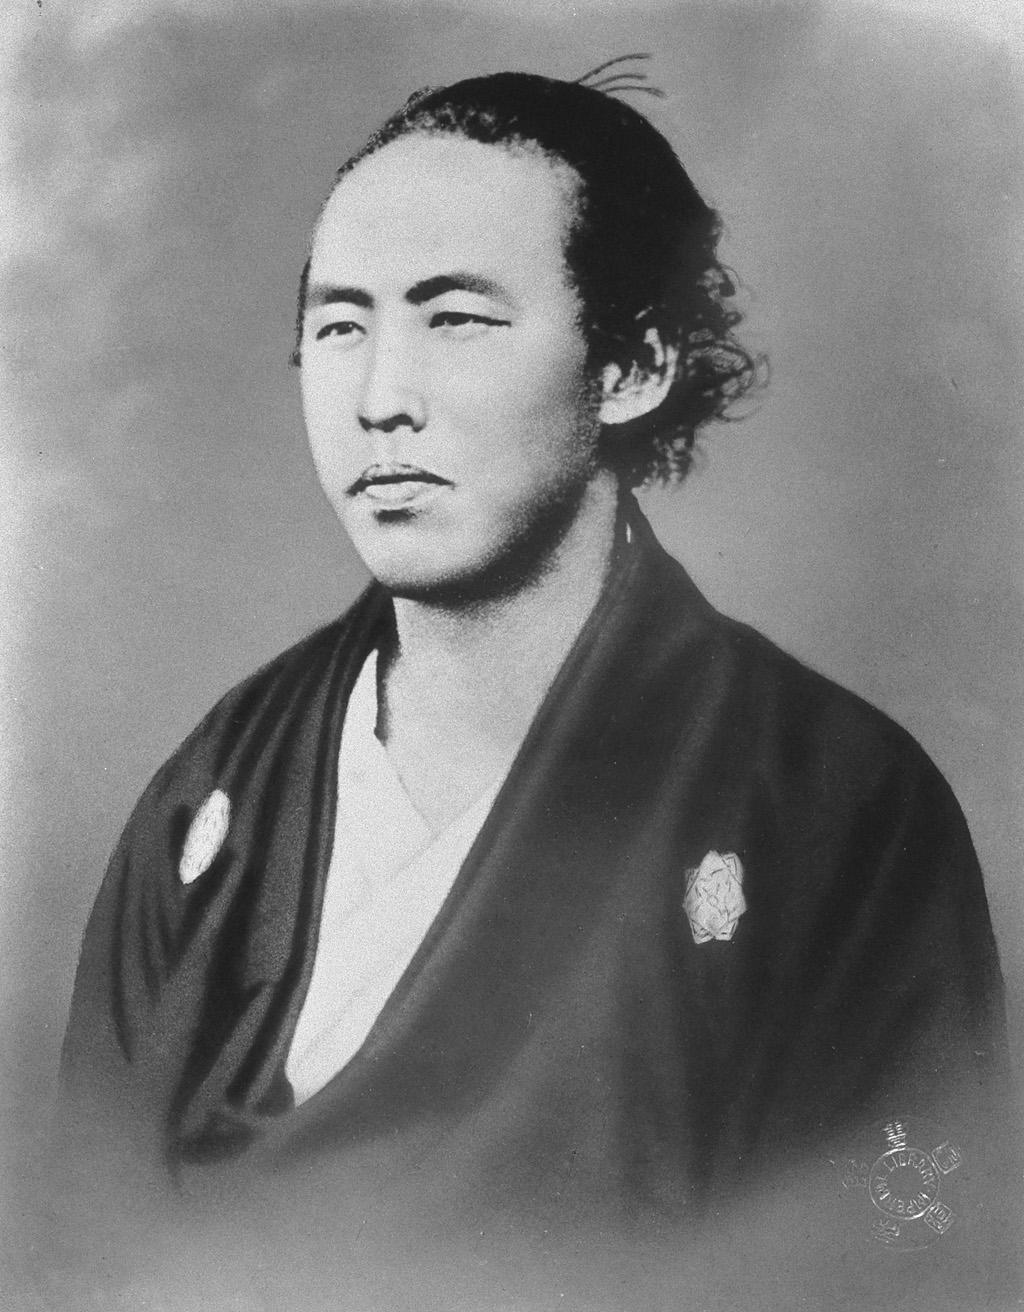 42SakamotoRyoma.jpg